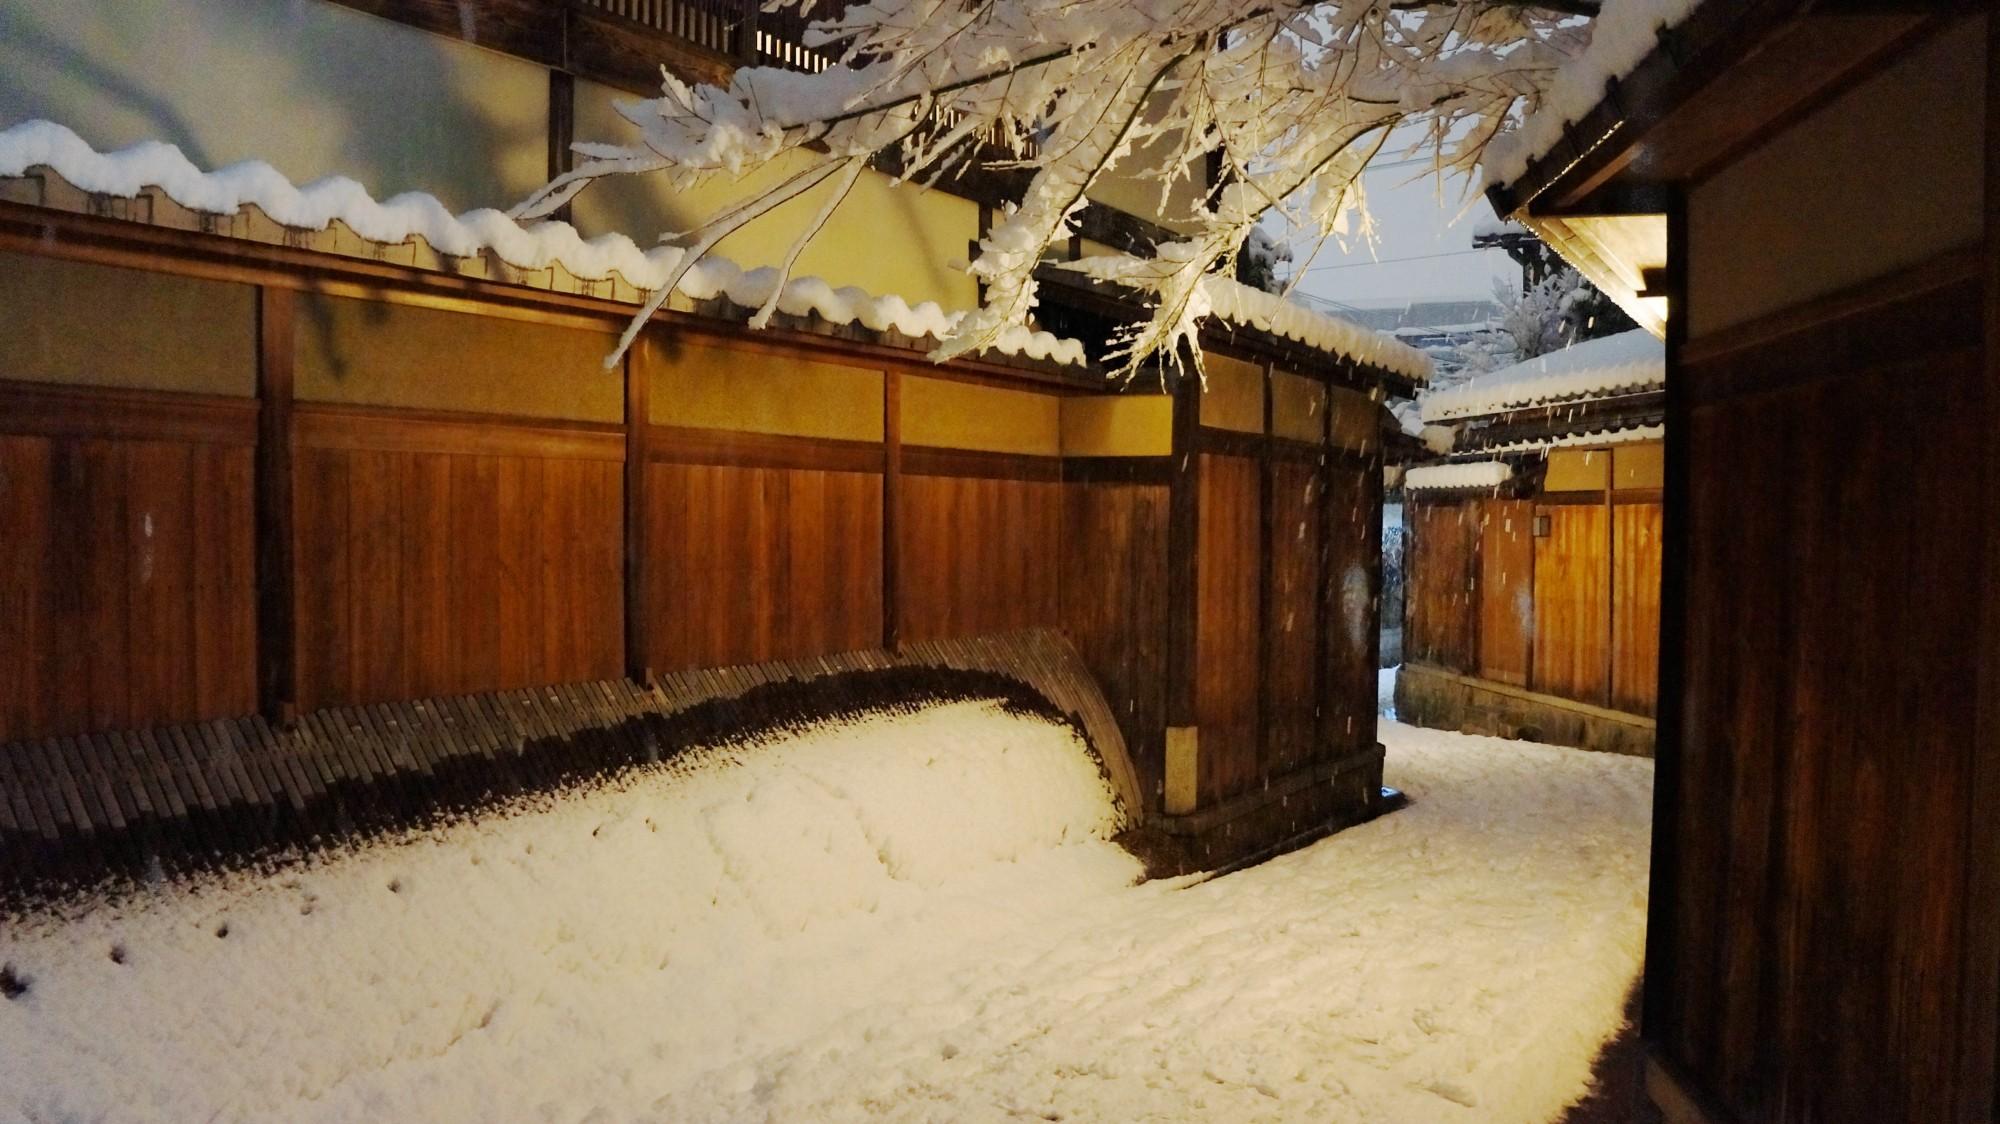 石塀小路 雪 知る人ぞ知る祇園の風情ある冬景色